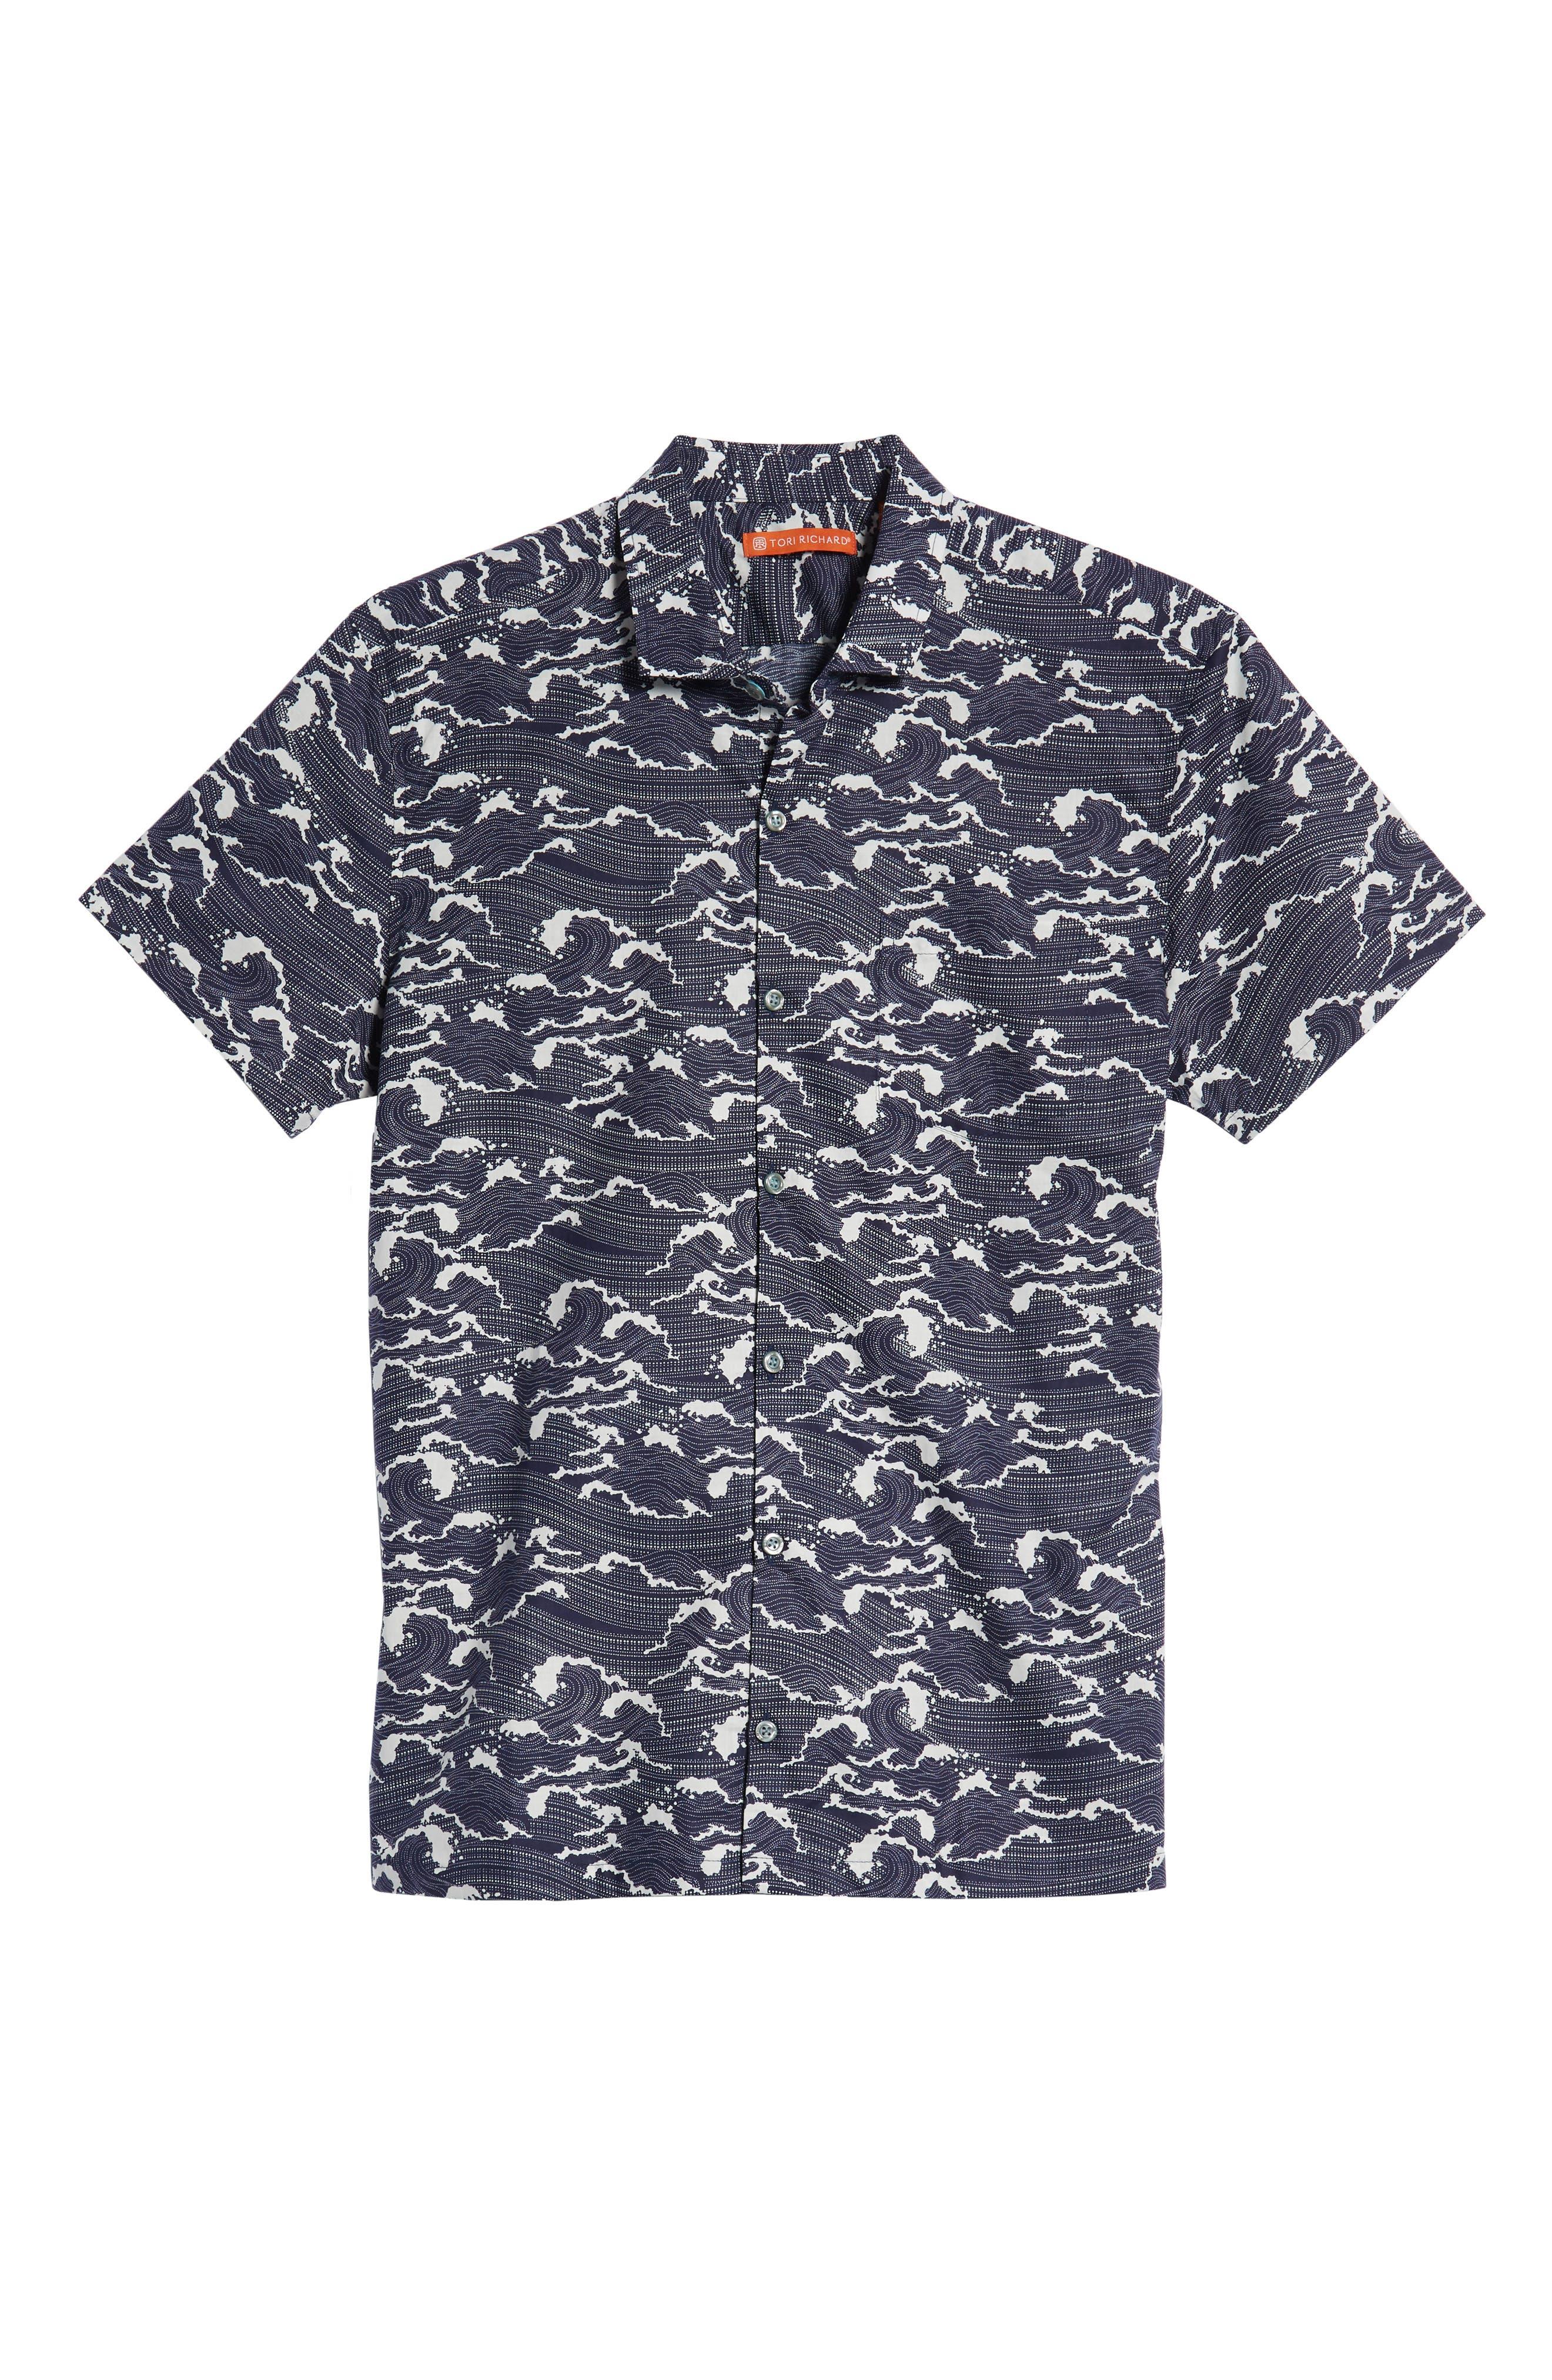 Ebb & Flow Trim Fit Camp Shirt,                             Alternate thumbnail 5, color,                             NAVY